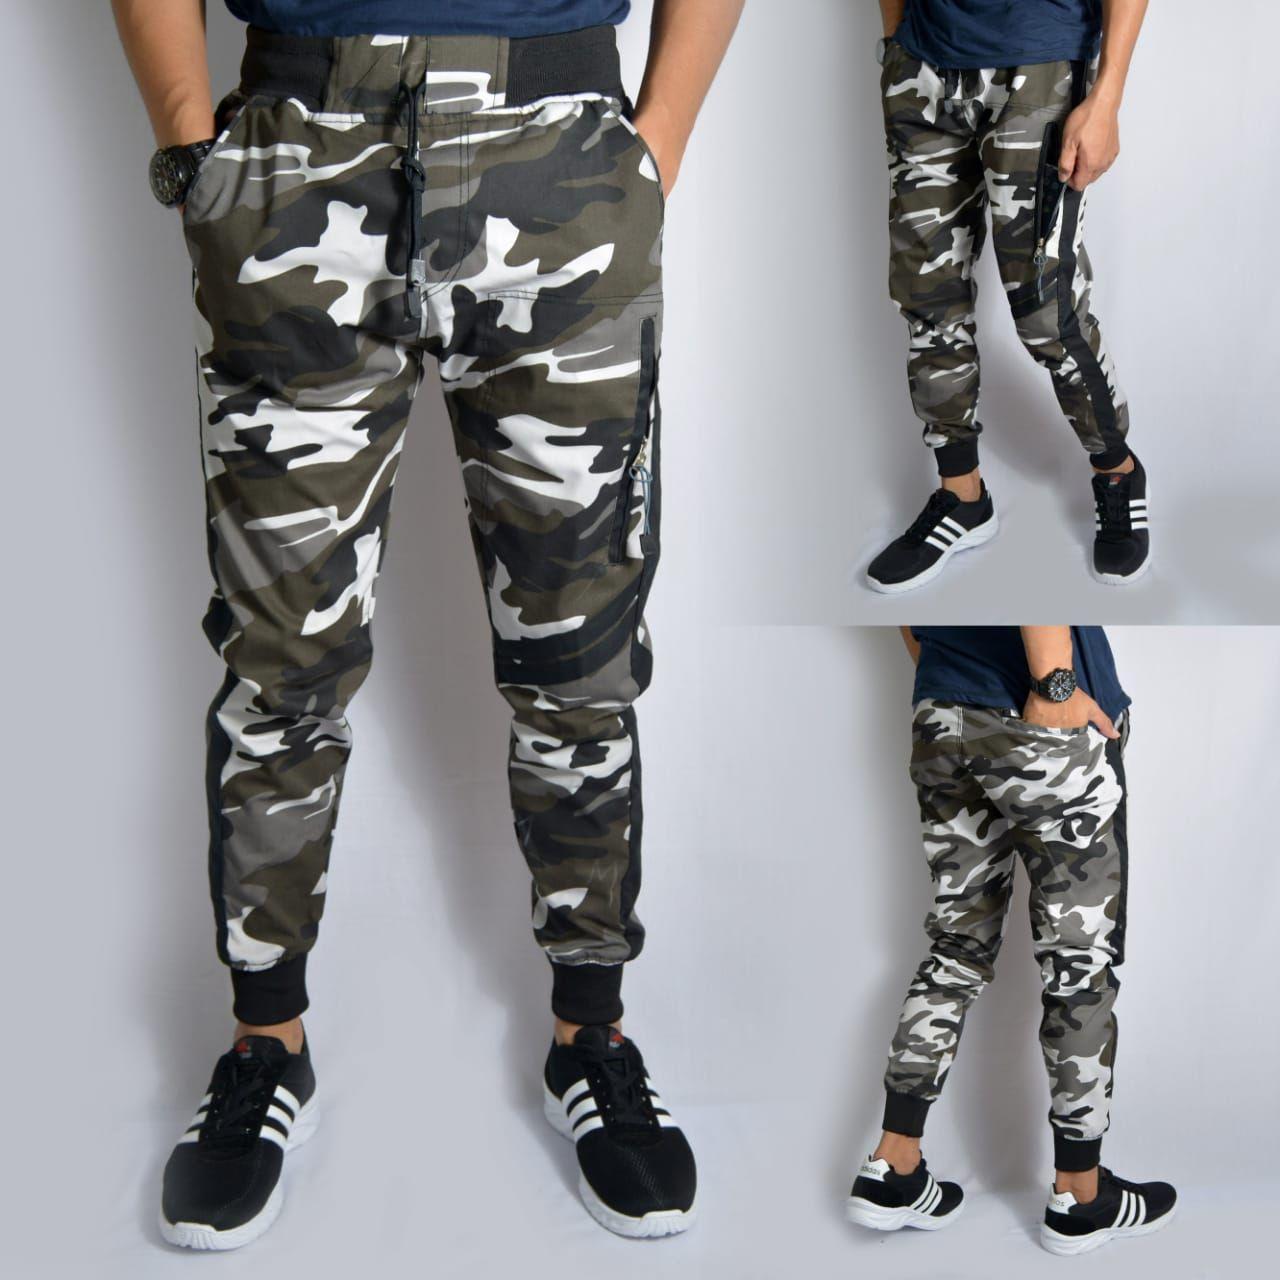 qls celana jogger /pantas/ cargo joger pantas/ army